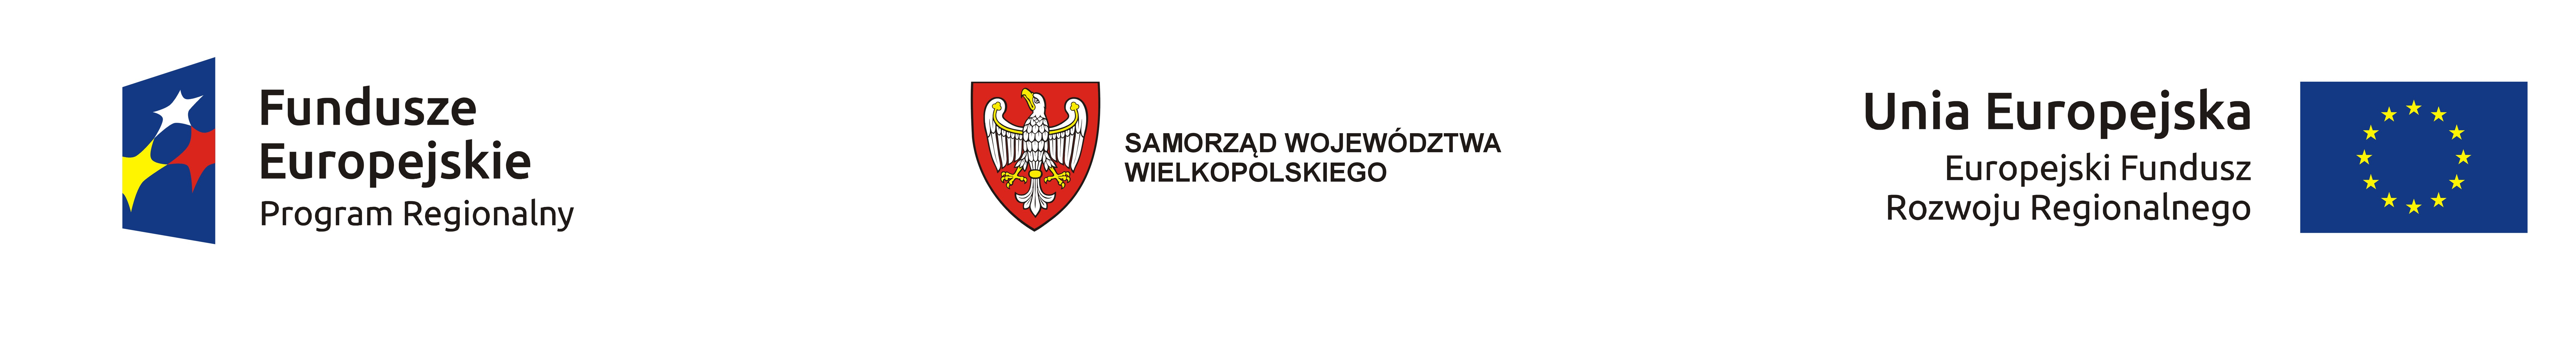 fundusze_uropejskiepng [9449x1333]